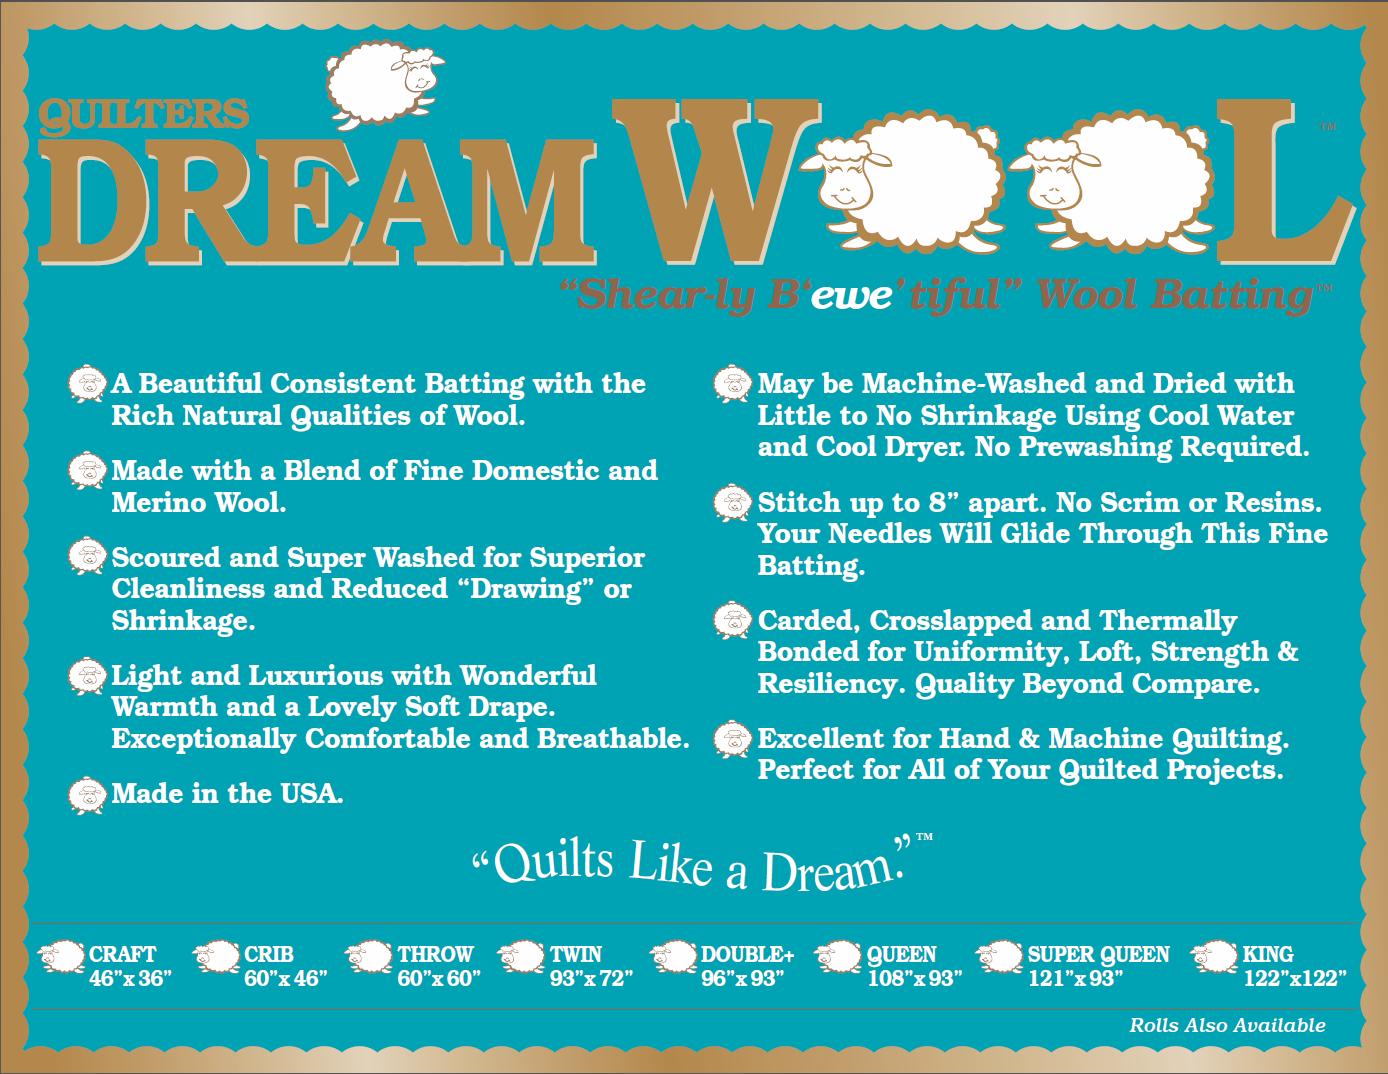 WOOL QUEEN Quilters Dream